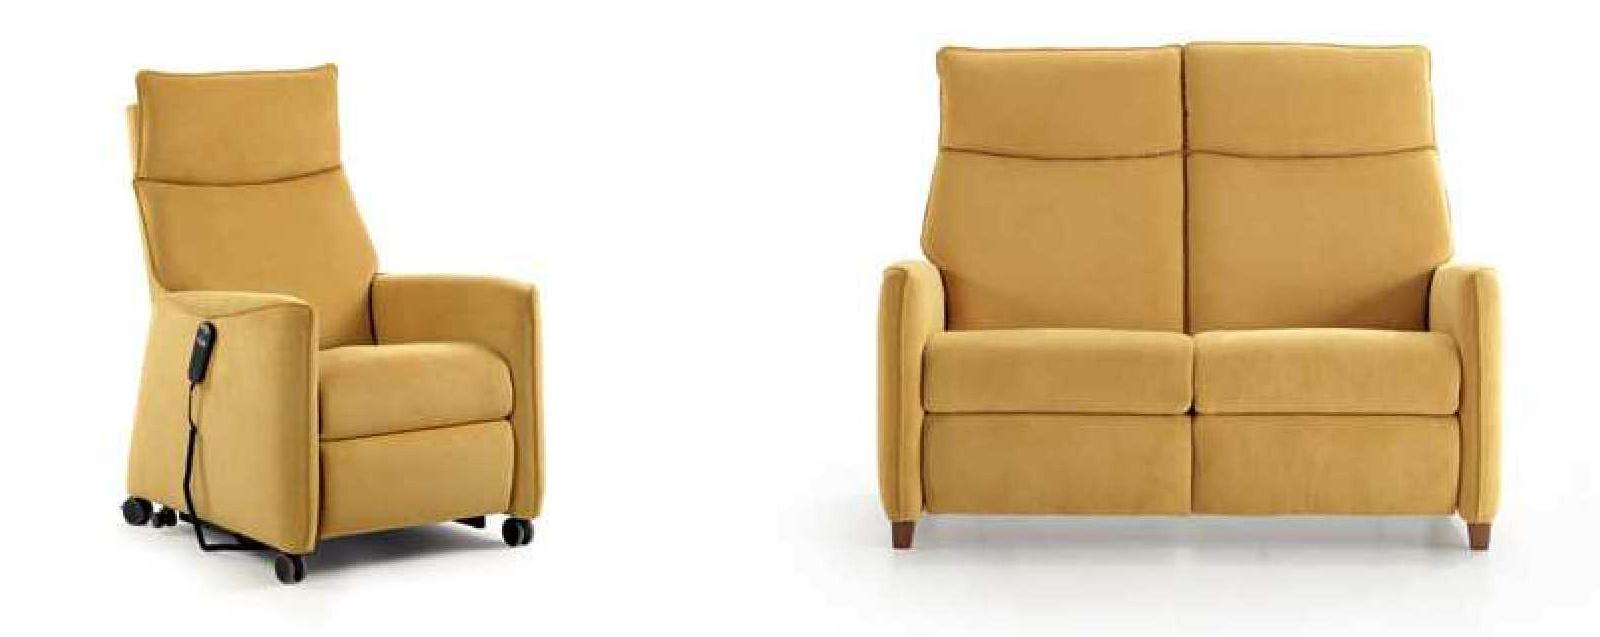 Compra sofá de Relax denia